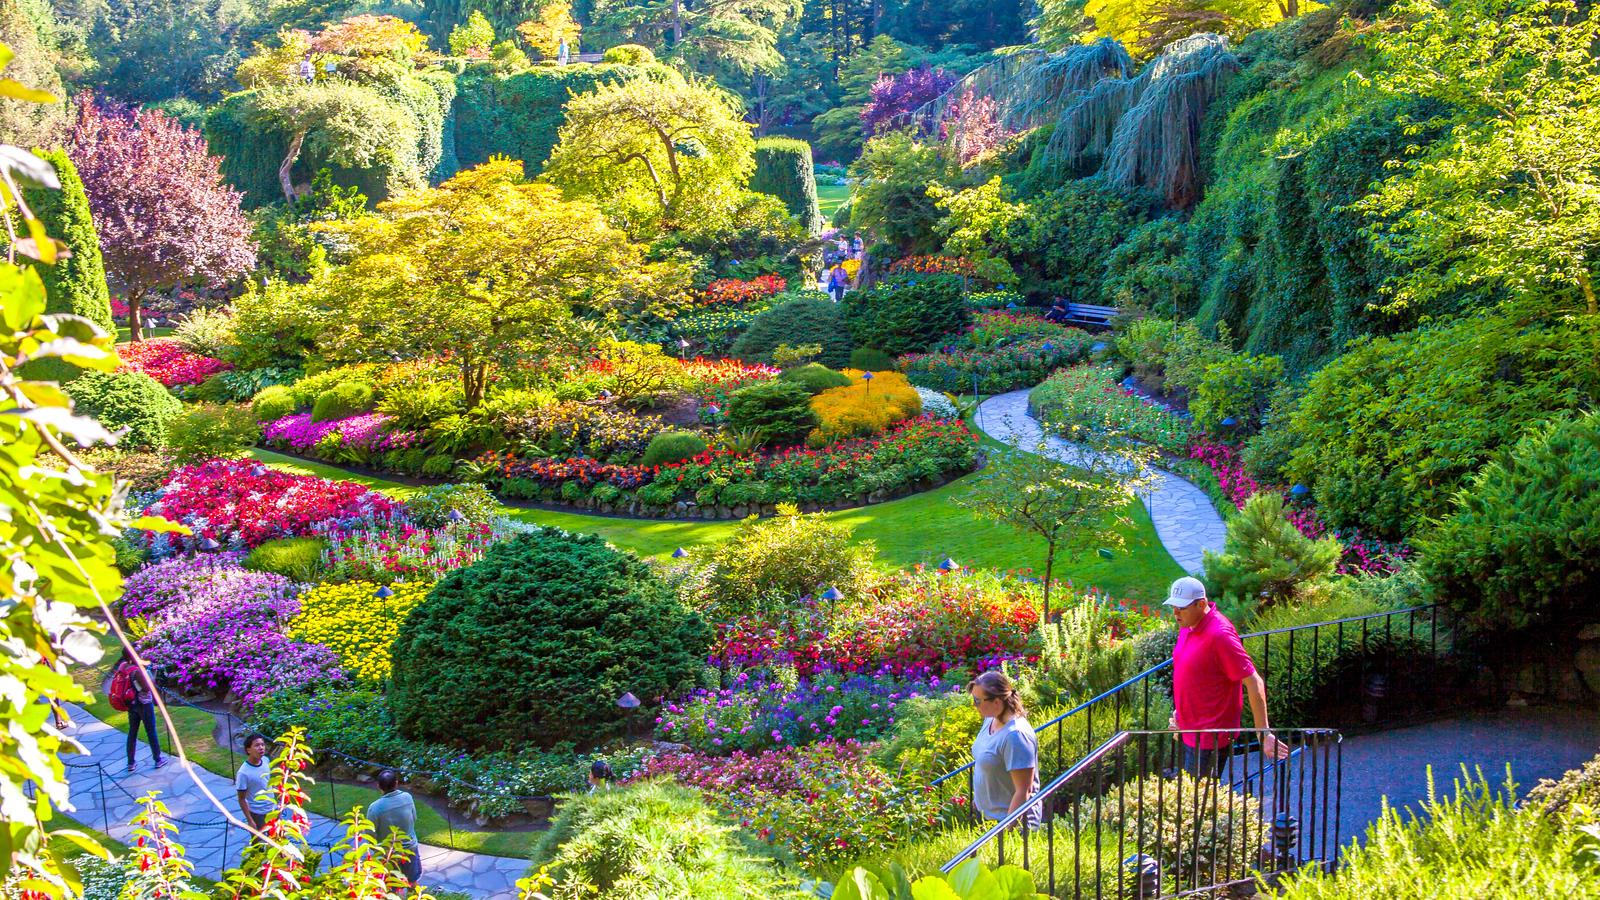 加拿大布查德花园,庭院风格很强烈